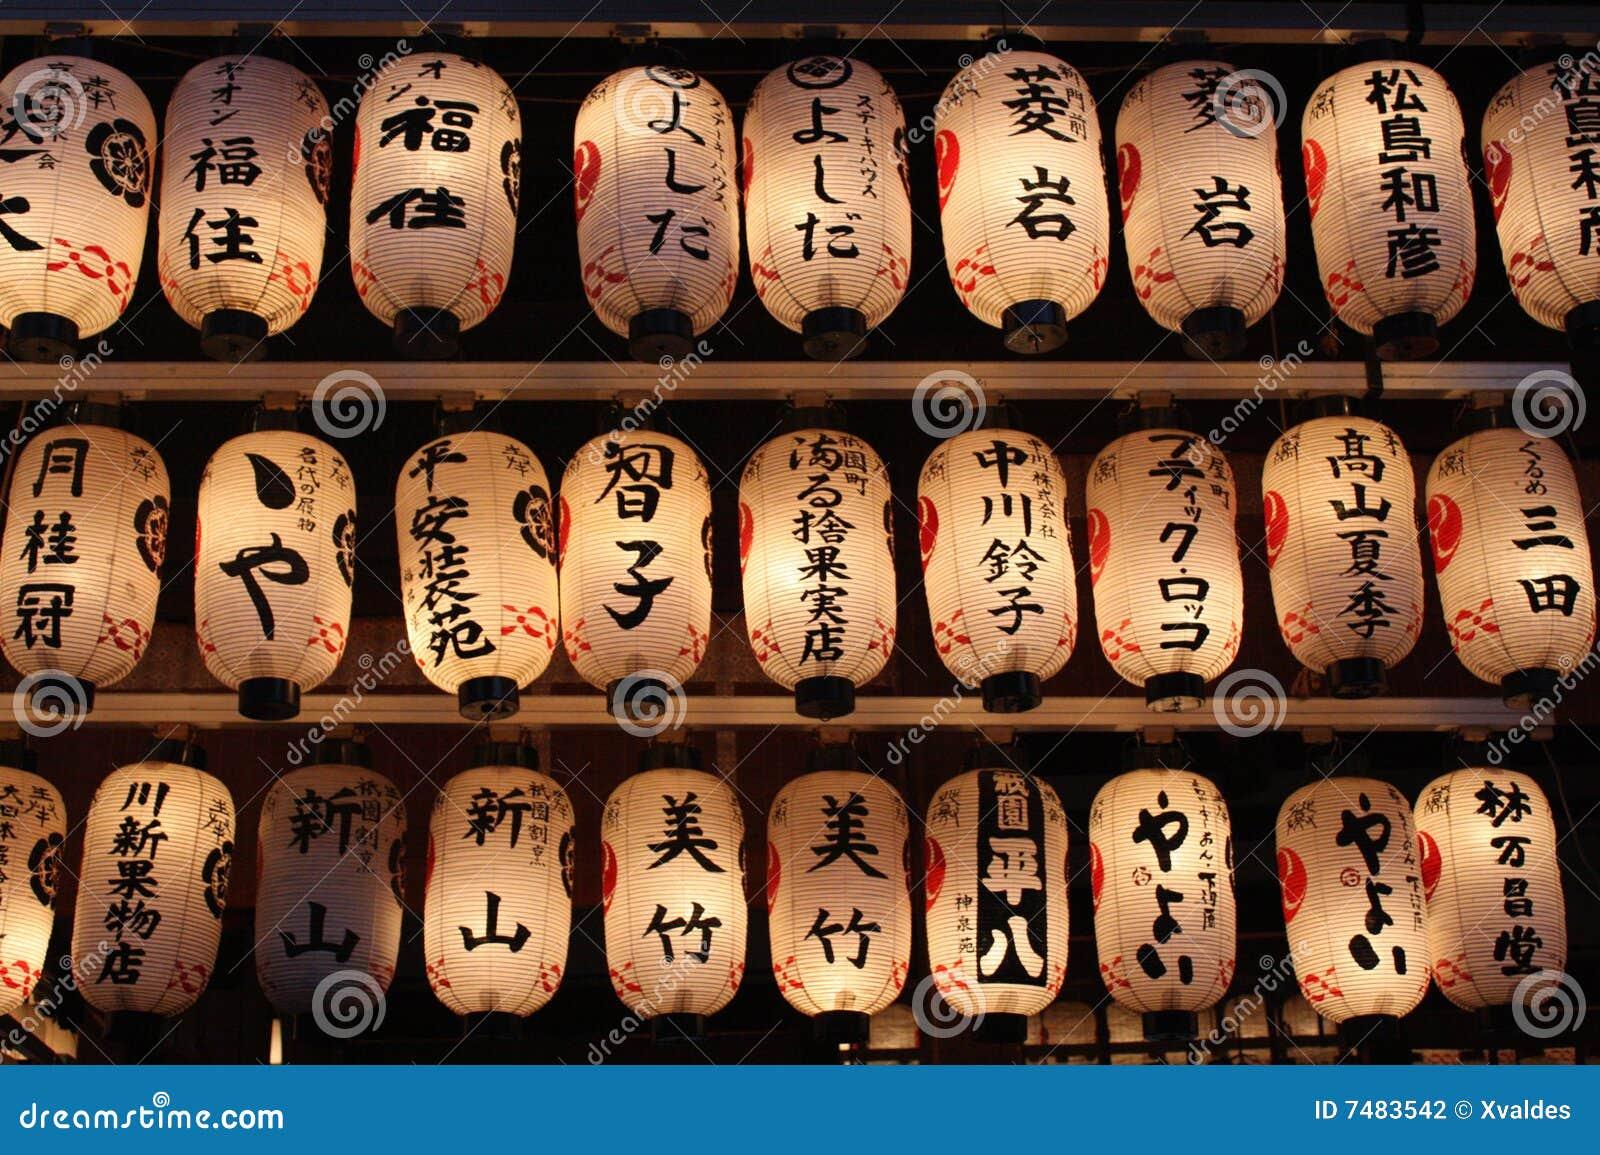 Lantaarns in Japan